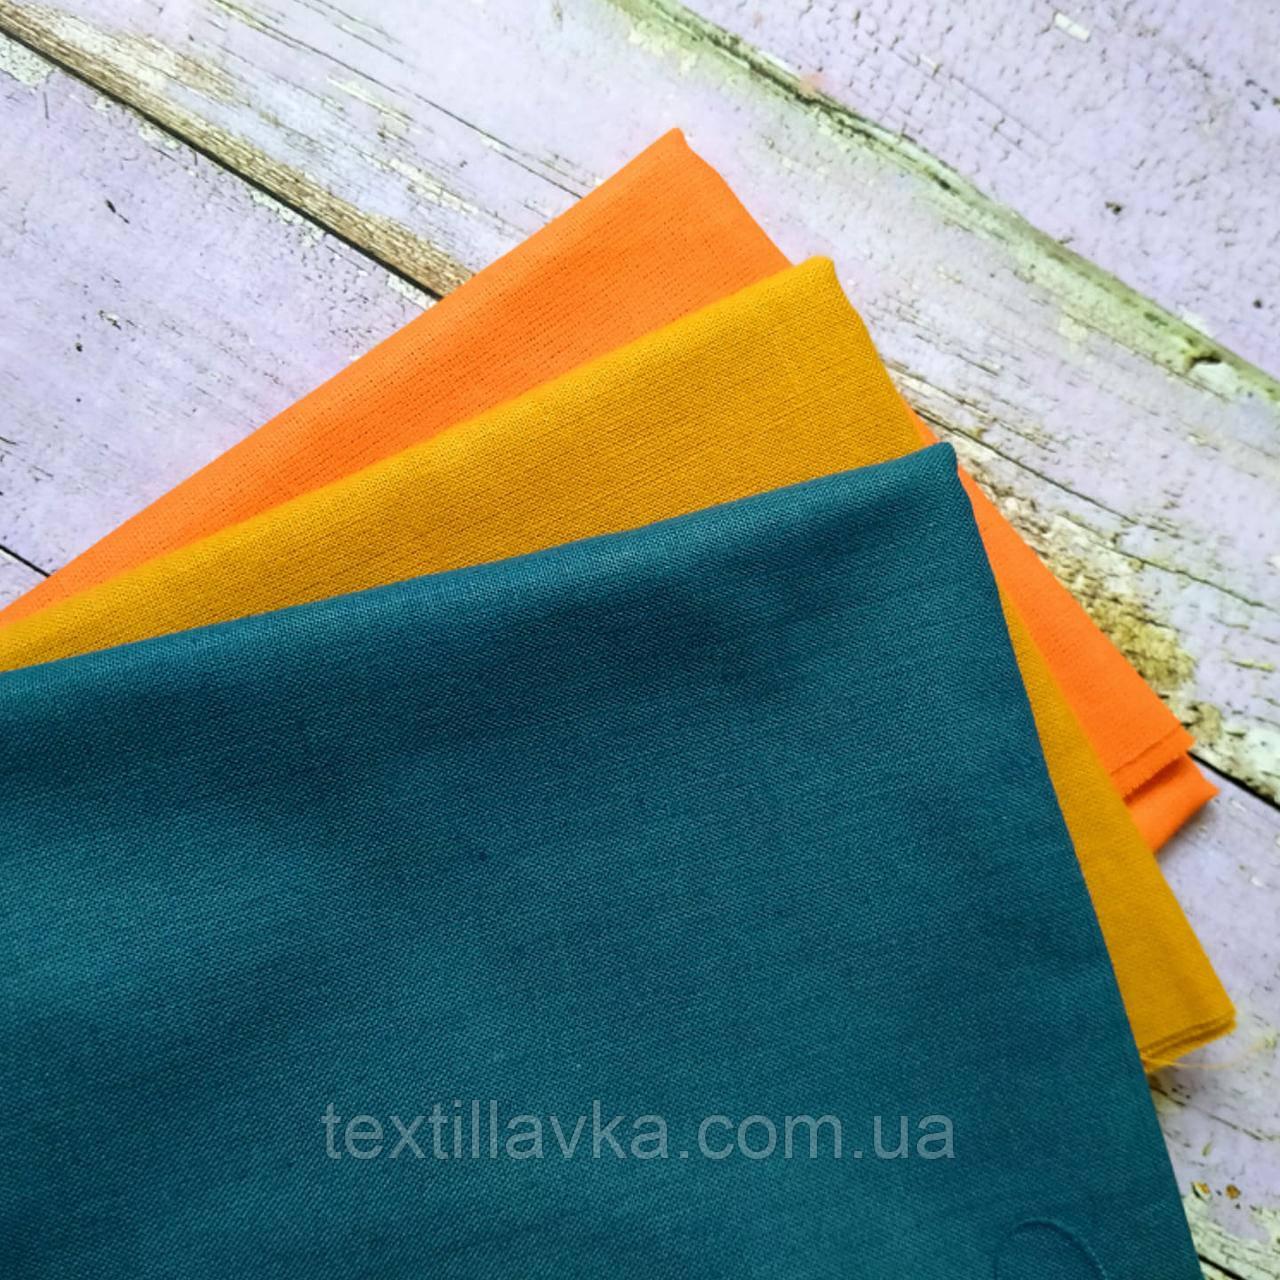 Комплект однотонної тканини для рукоділля з 3 шт.